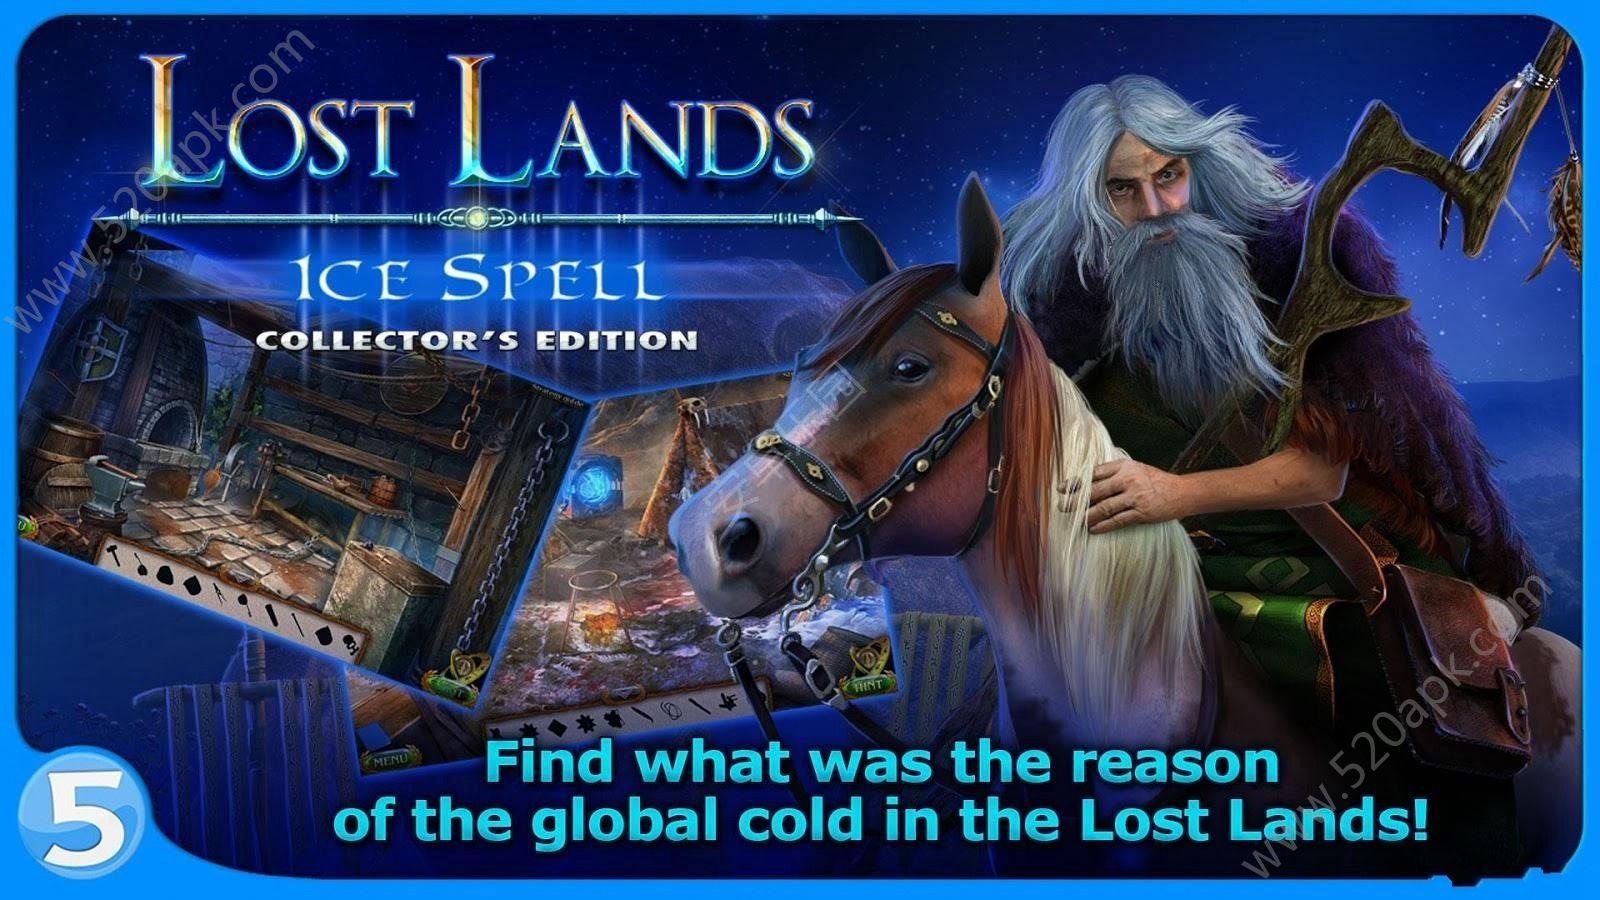 失落领地5必赢亚洲56.net必赢亚洲56.net手机版版下载(Lost Lands 5)图3: